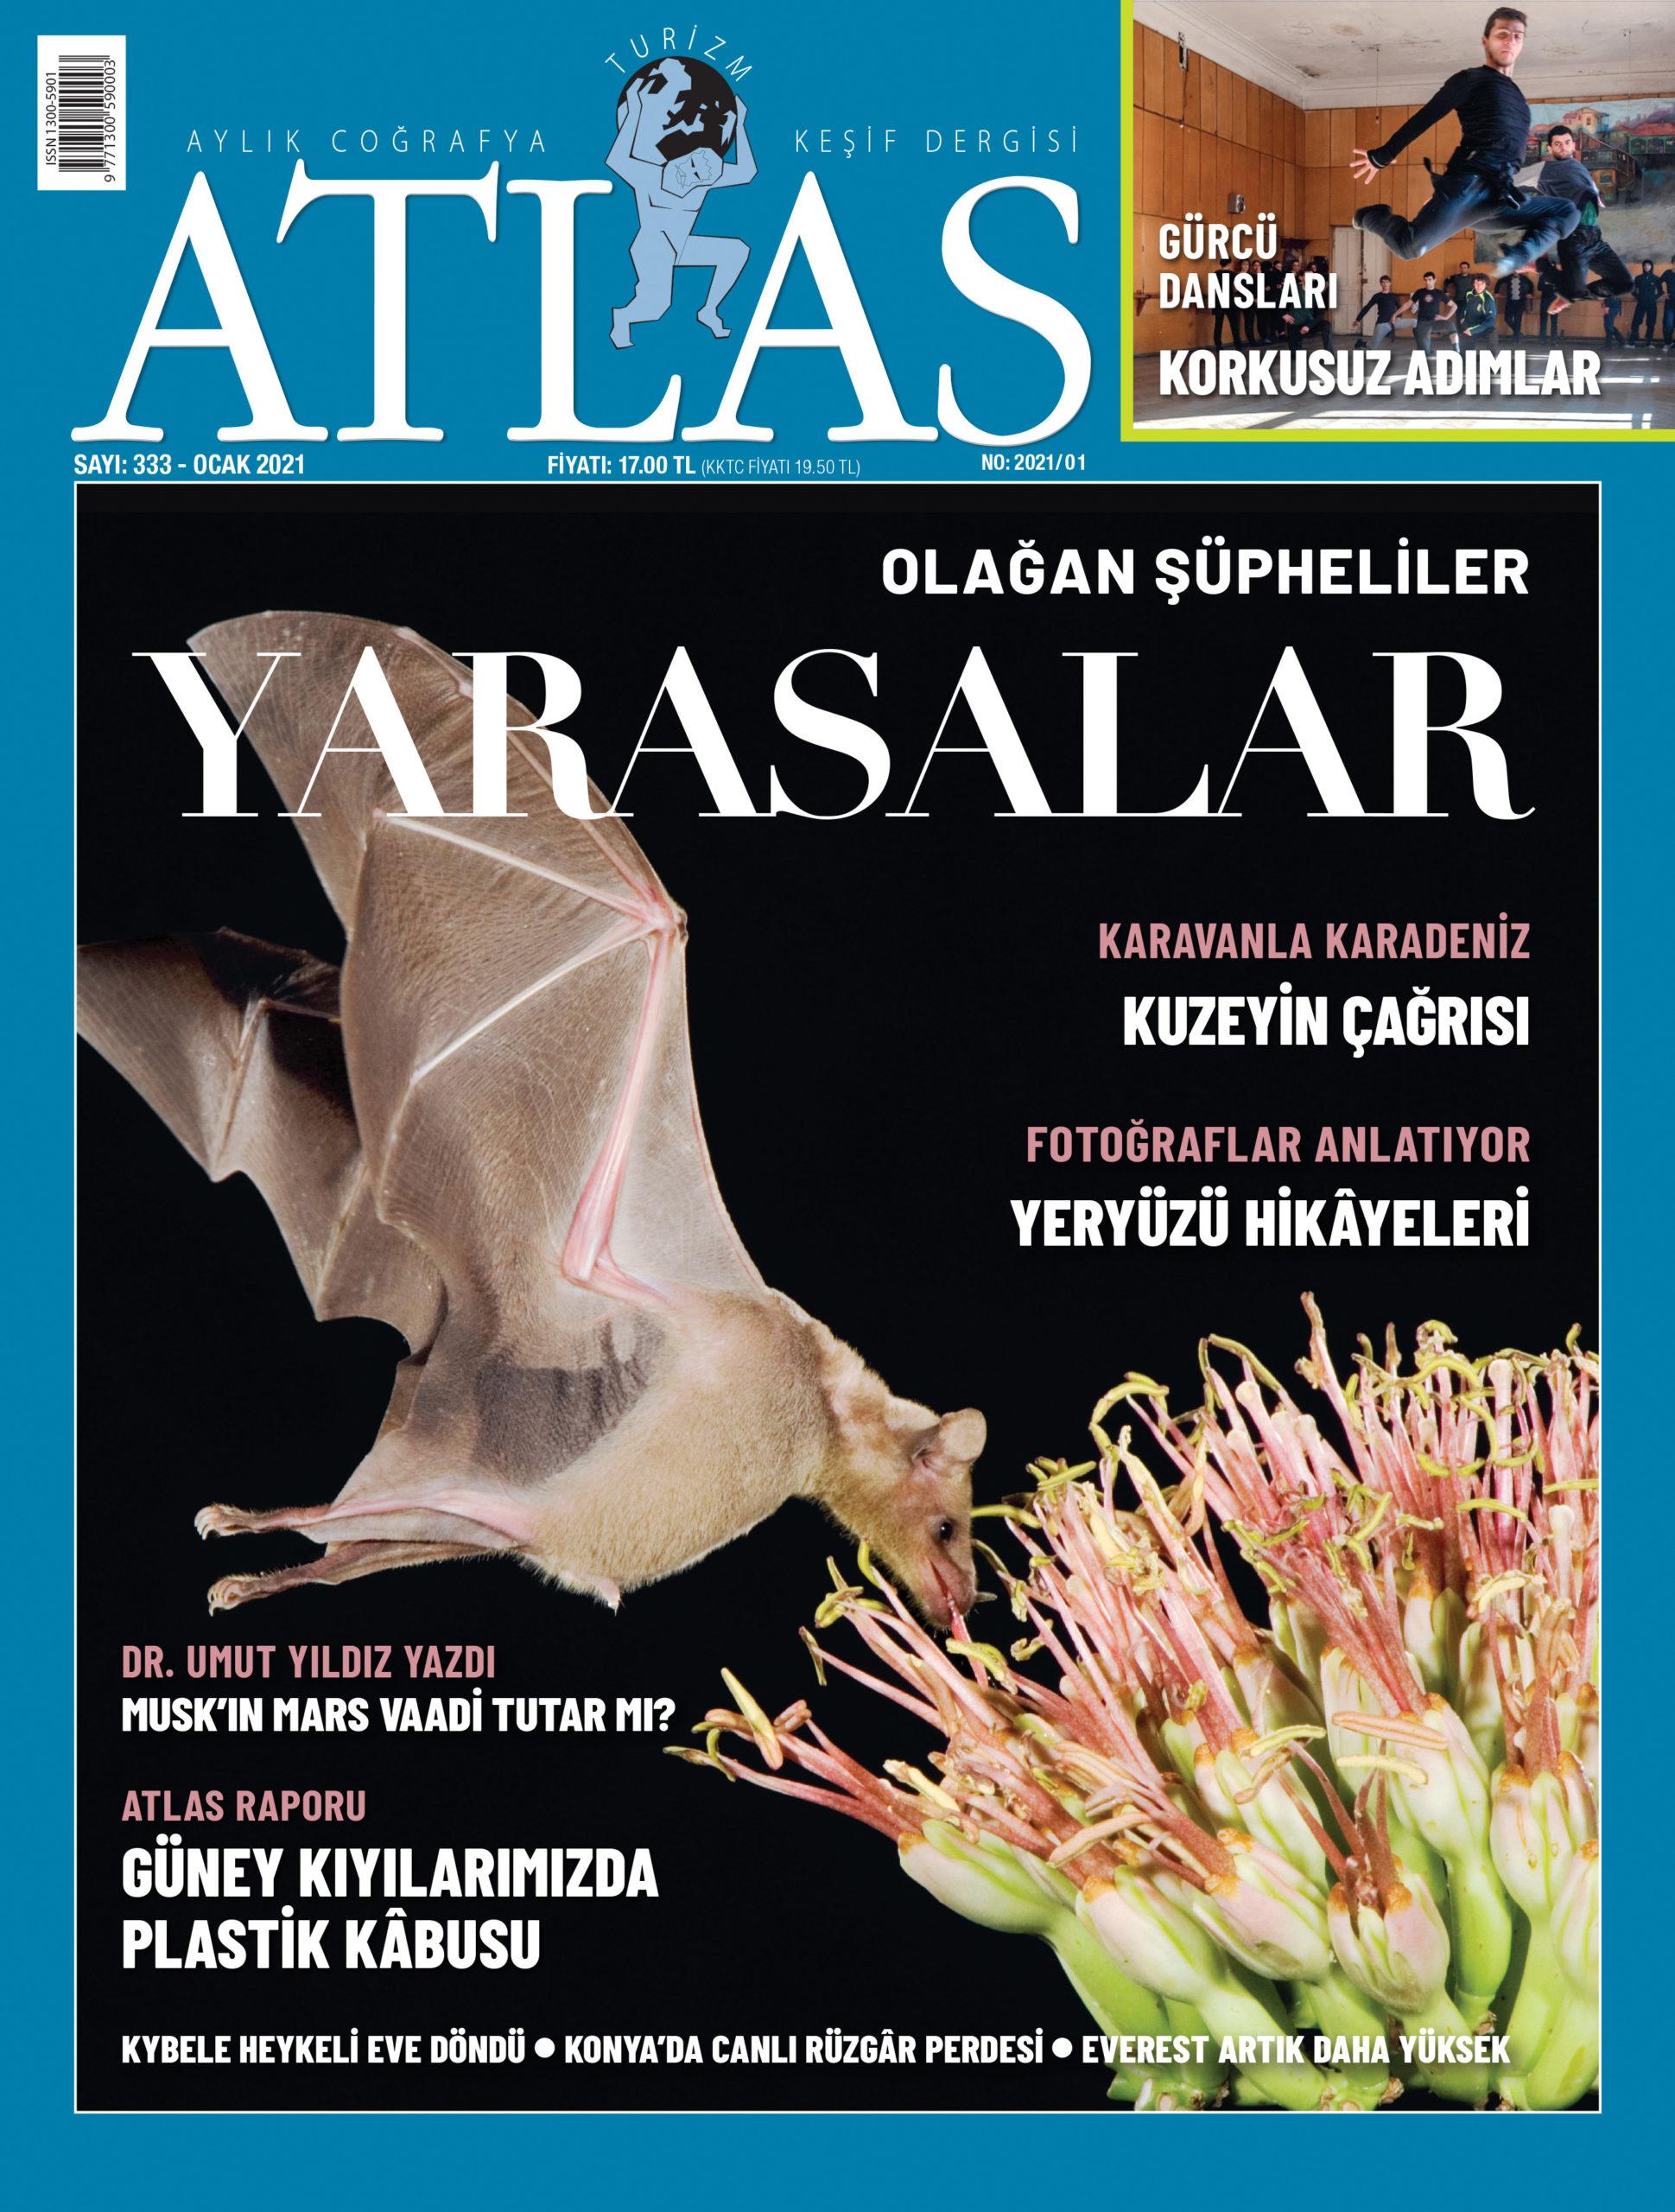 Atlas'ın Ocak sayısı çıktı! Yeni sayıda neler var? | Atlas | Dergide Bu Ay